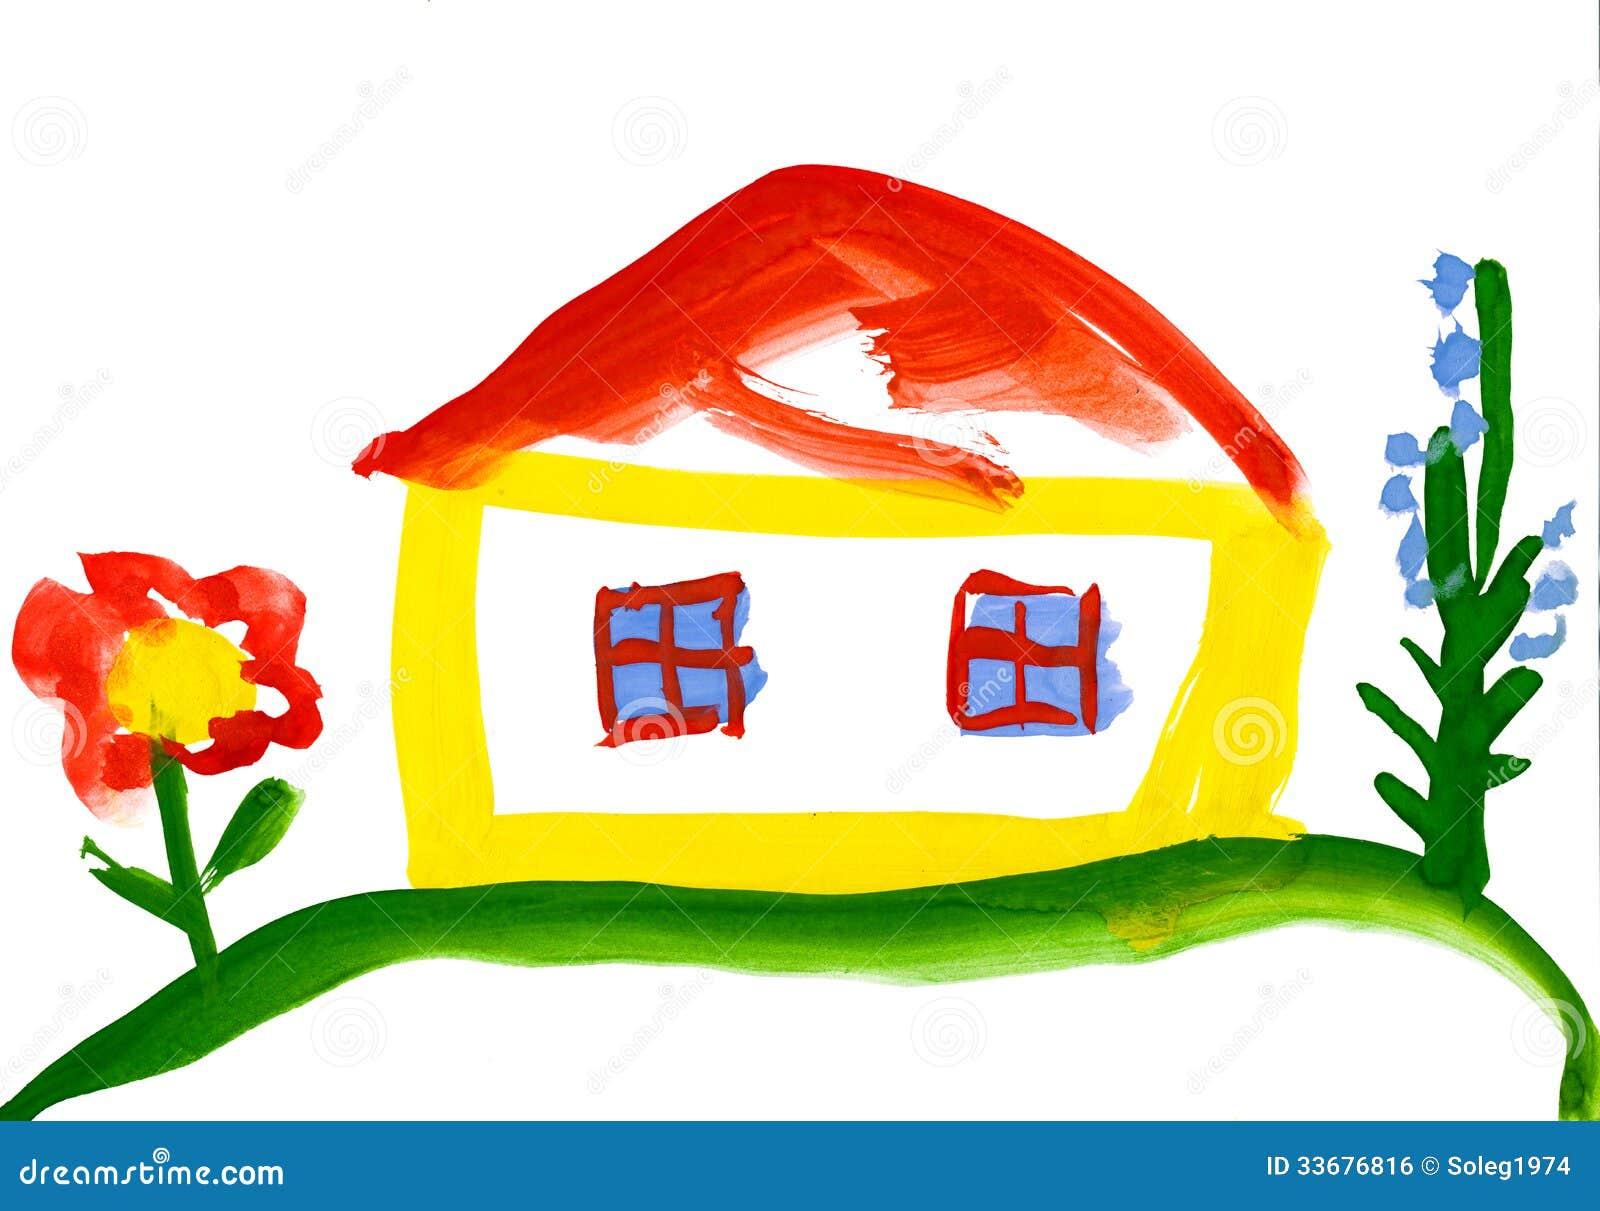 die zeichnung des kindes haus im dorf lizenzfreies. Black Bedroom Furniture Sets. Home Design Ideas